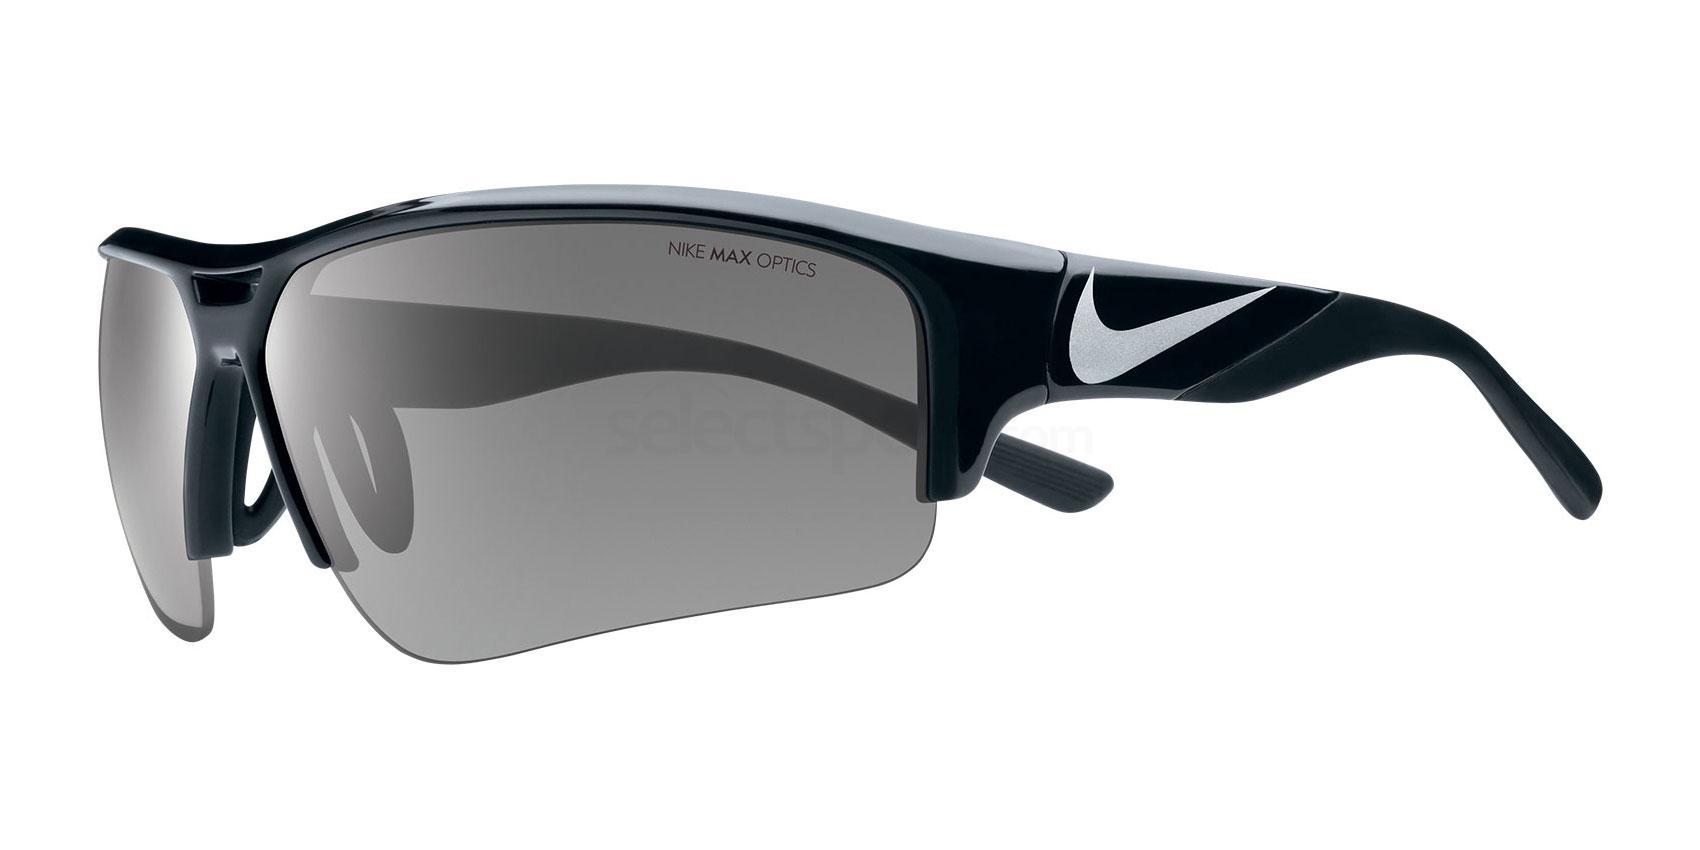 001 NIKE GOLF X2 PRO EV0872 Sunglasses, Nike